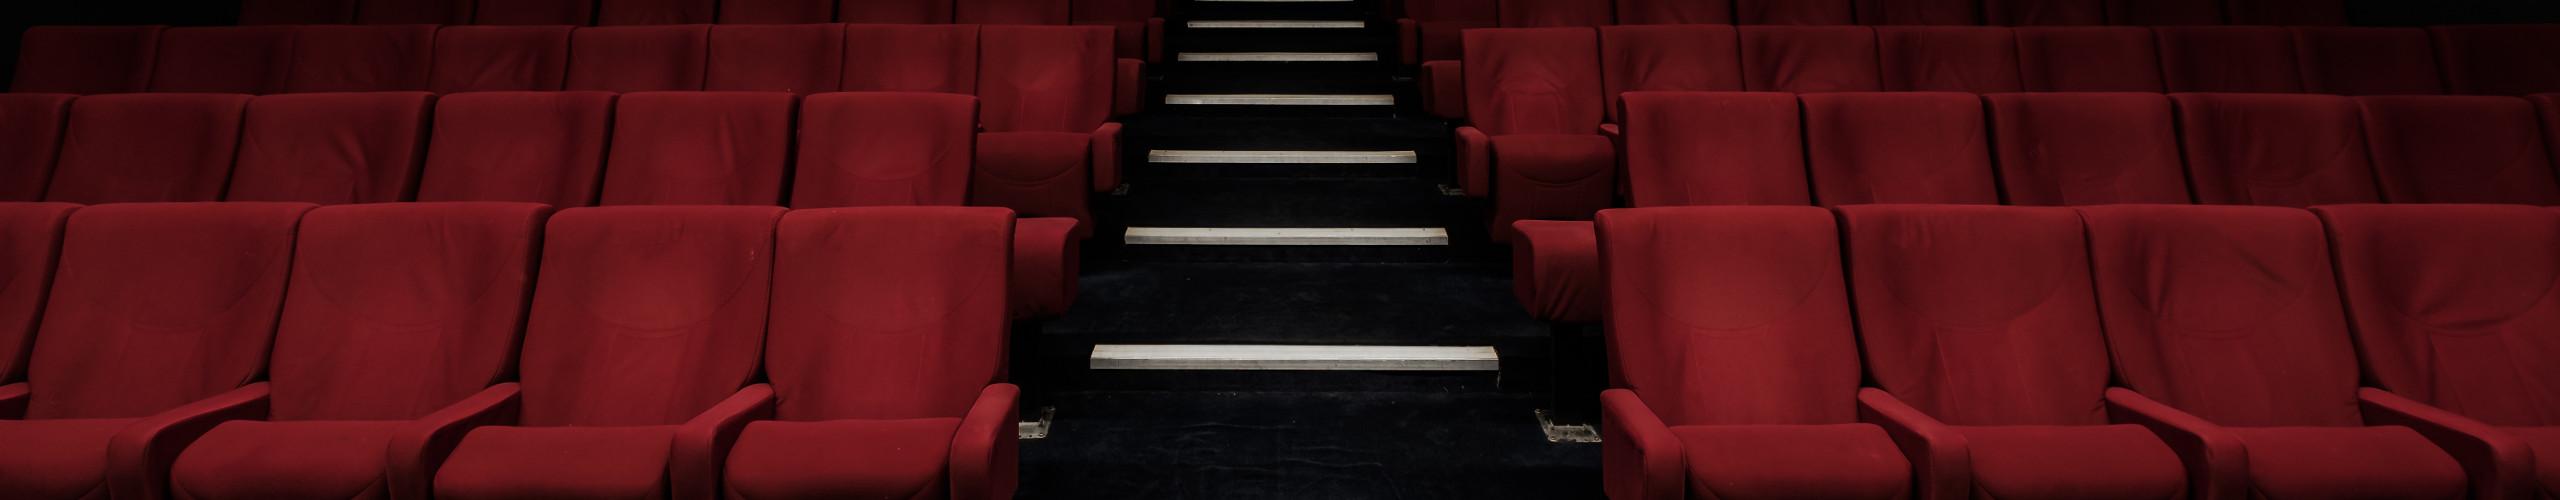 Quark Theatre